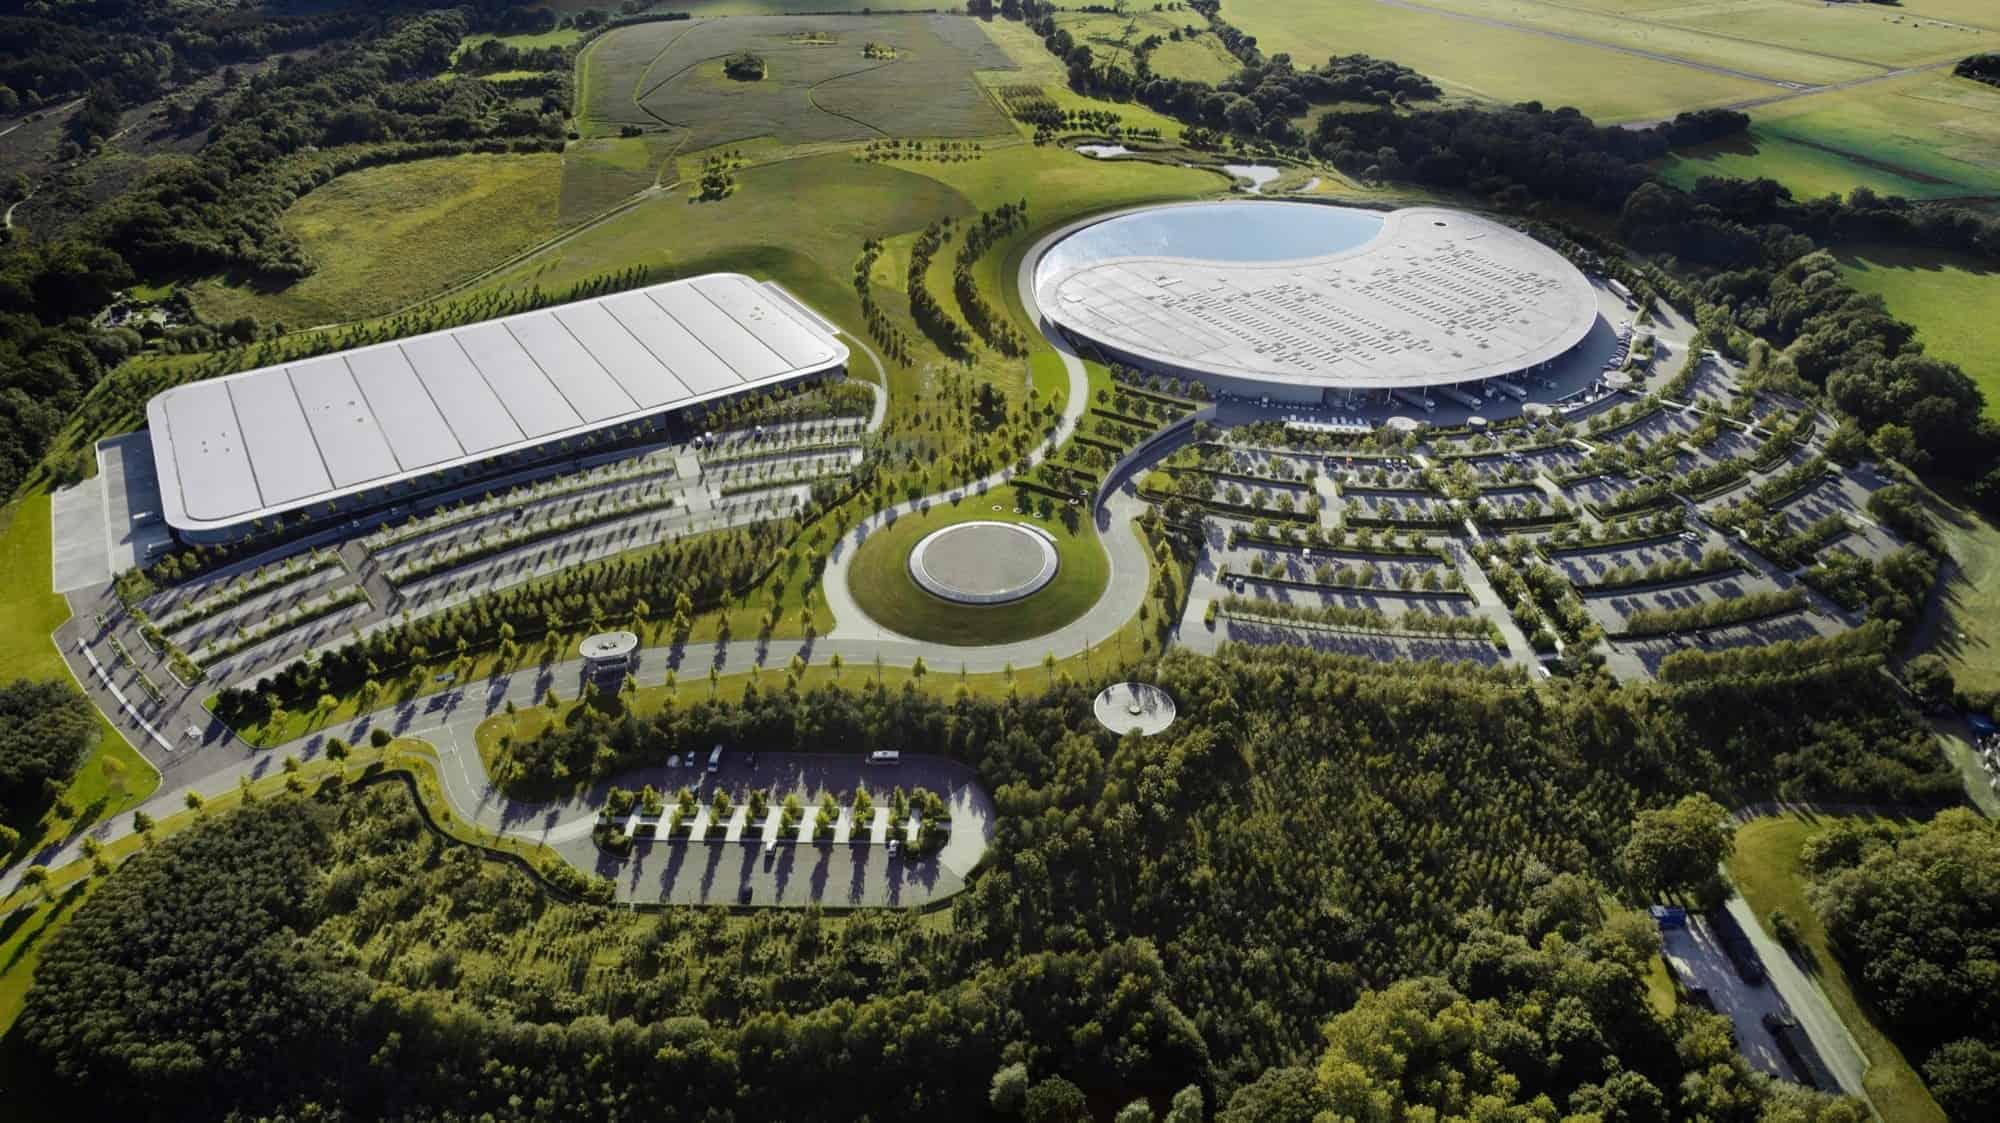 McLaren Technology Center - Surrey England